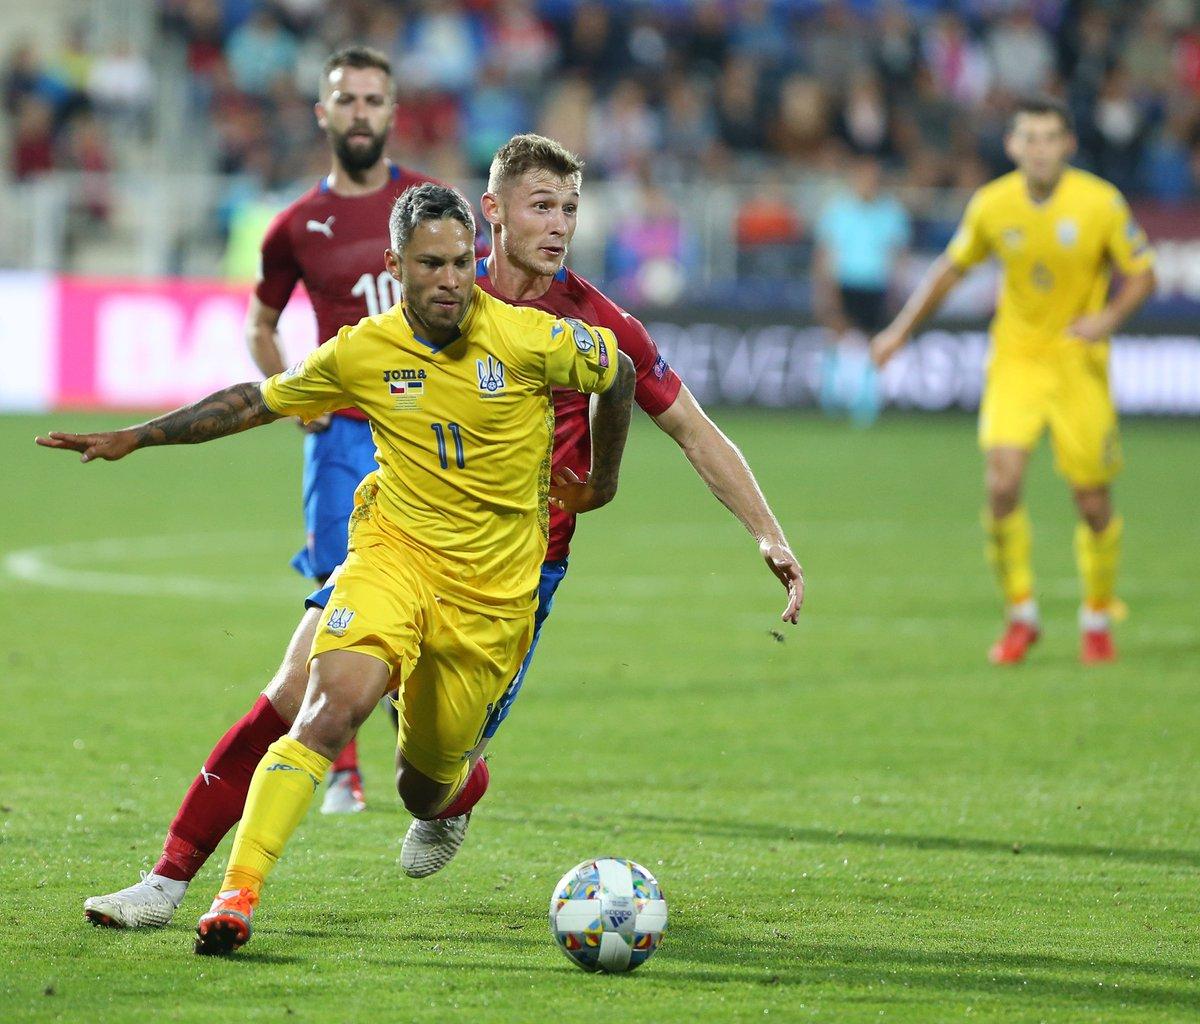 Résultat Et Résumé Tottenham: Ukraine (1-1) Résumé Du Match Et Vidéos